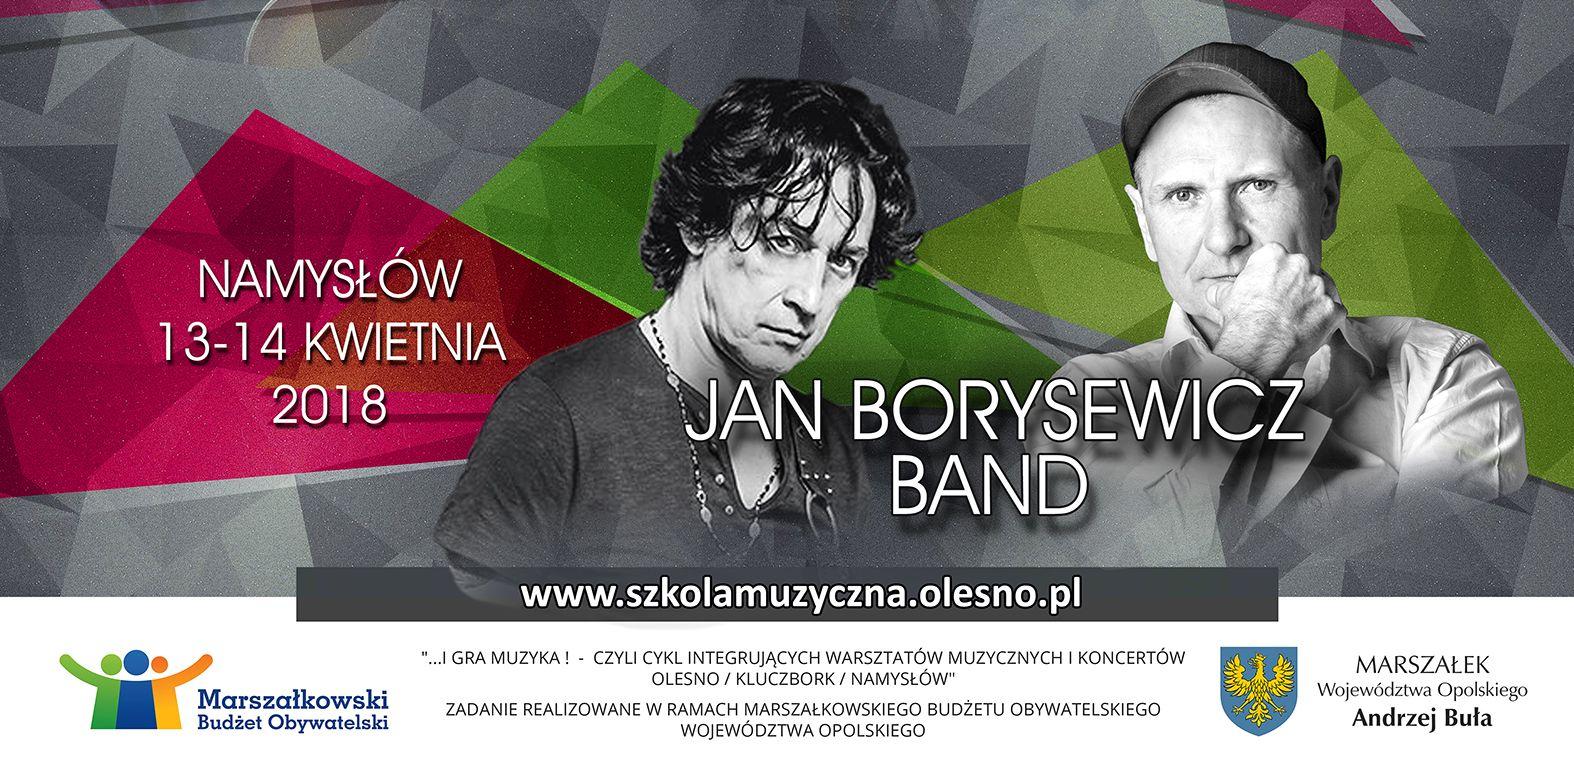 Warsztaty i koncert 'I muzyka gra' odbędą się w Namysłowskim Ośrodku Kultury